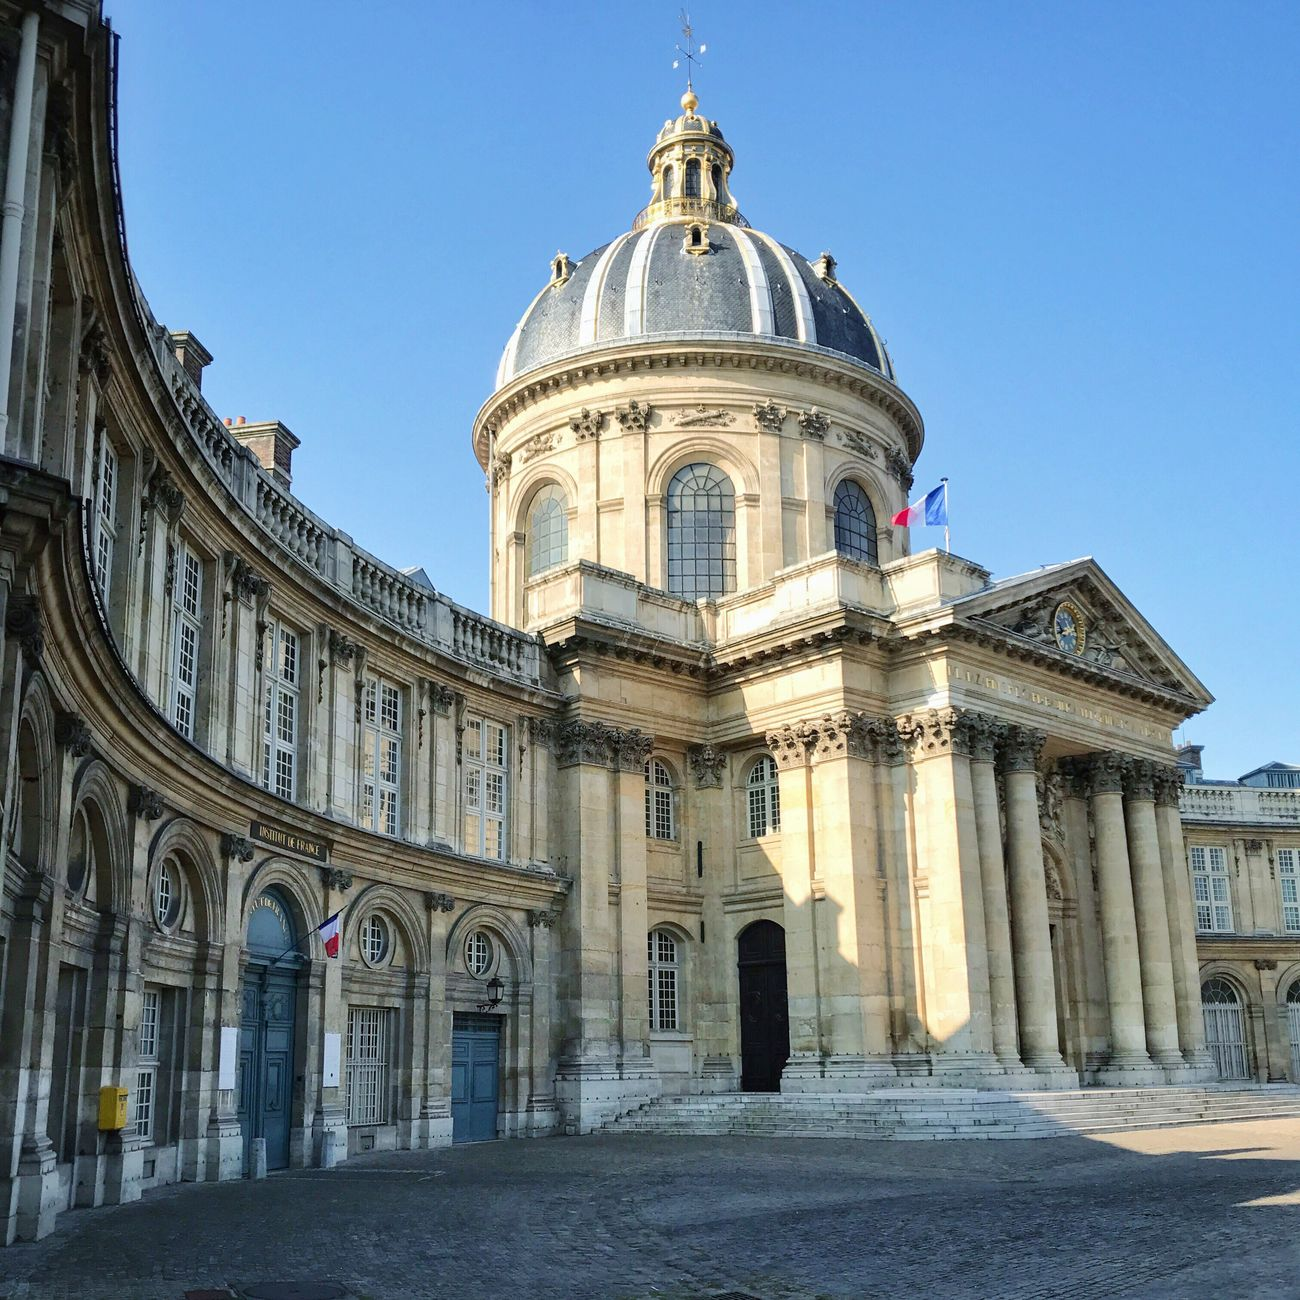 Bonsoir Paris! Good Evening Paris Architecture Built Structure Dome Parisweloveyou EyeEm Best Shots Paris Photooftheday Eyem Best Shot - Architecture Paris ❤ Architecture